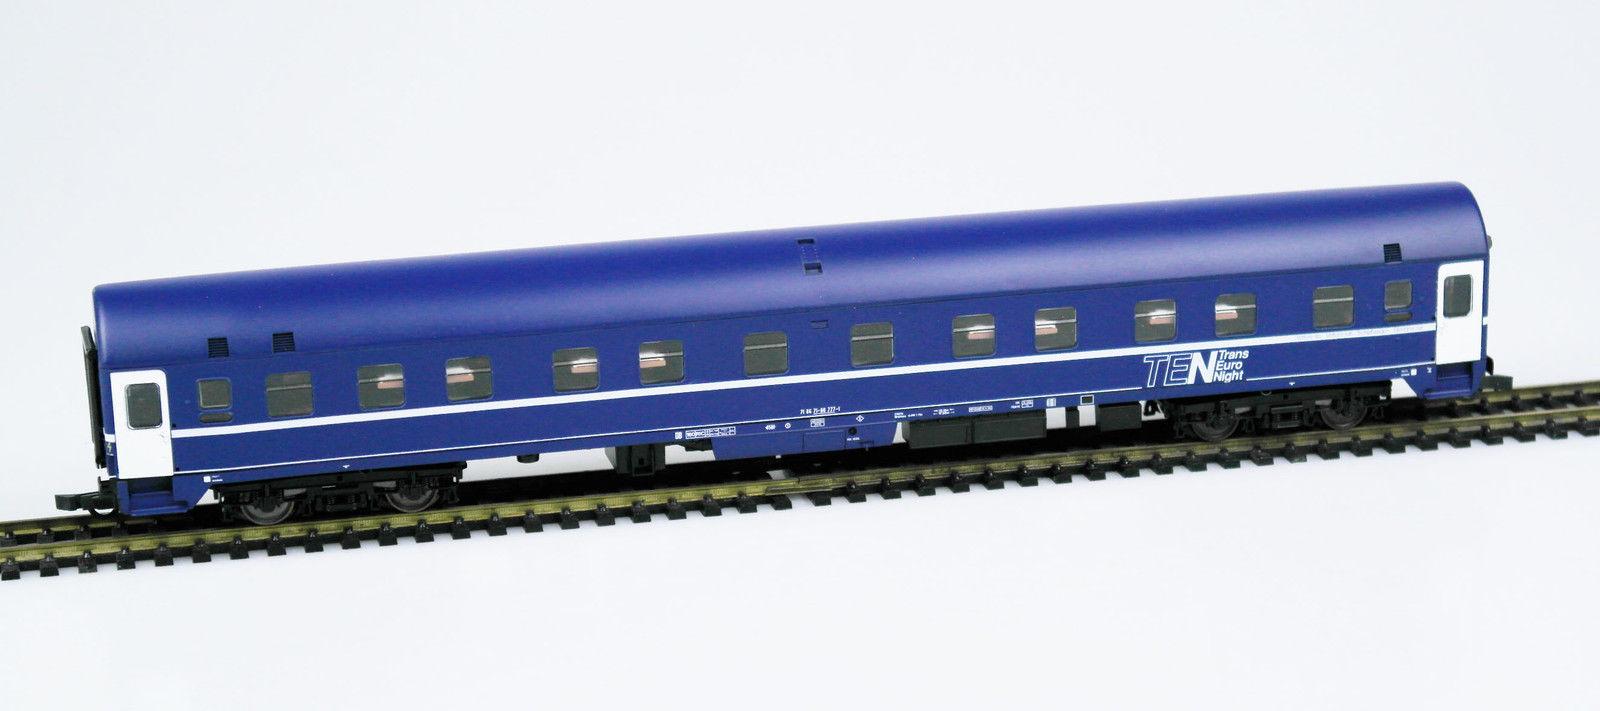 roco-44845-dsb-schlafwagen-u-hansa-mit-blauem-dach-db-am-rahmen-von-db-gewartet-und-an-dsb-vermietet-sos-1992-daenemark